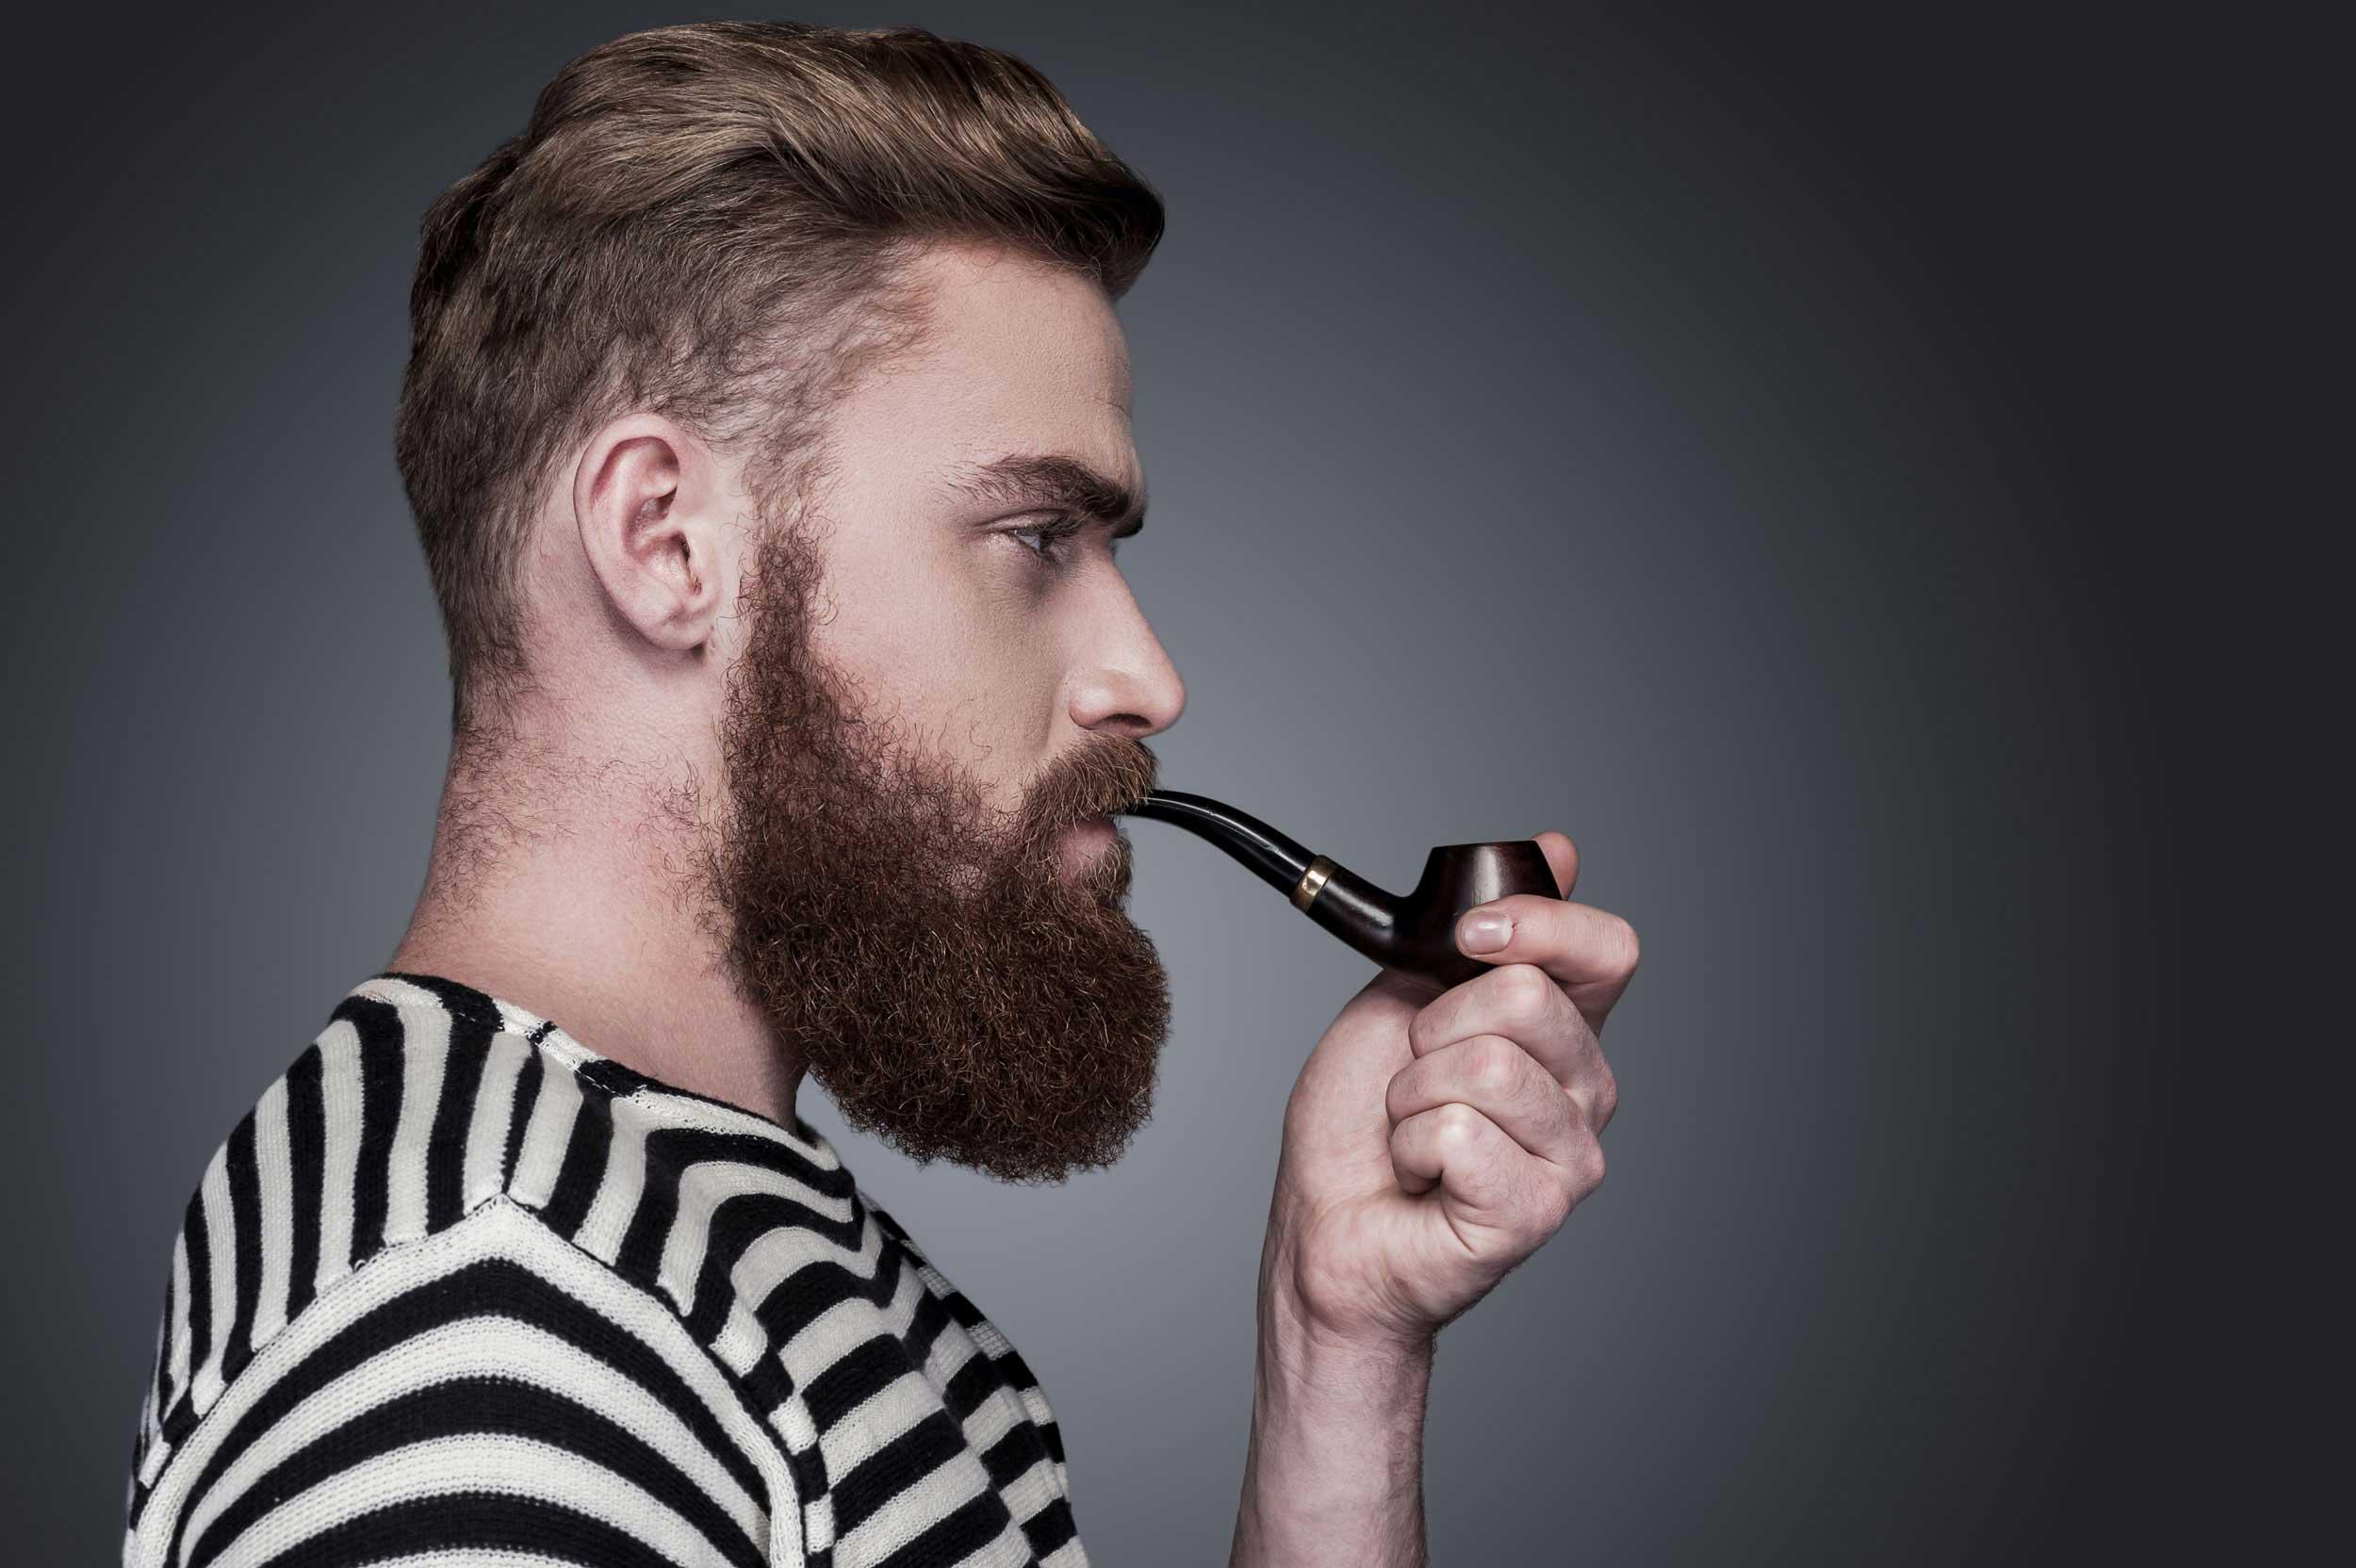 курение и рост бороды